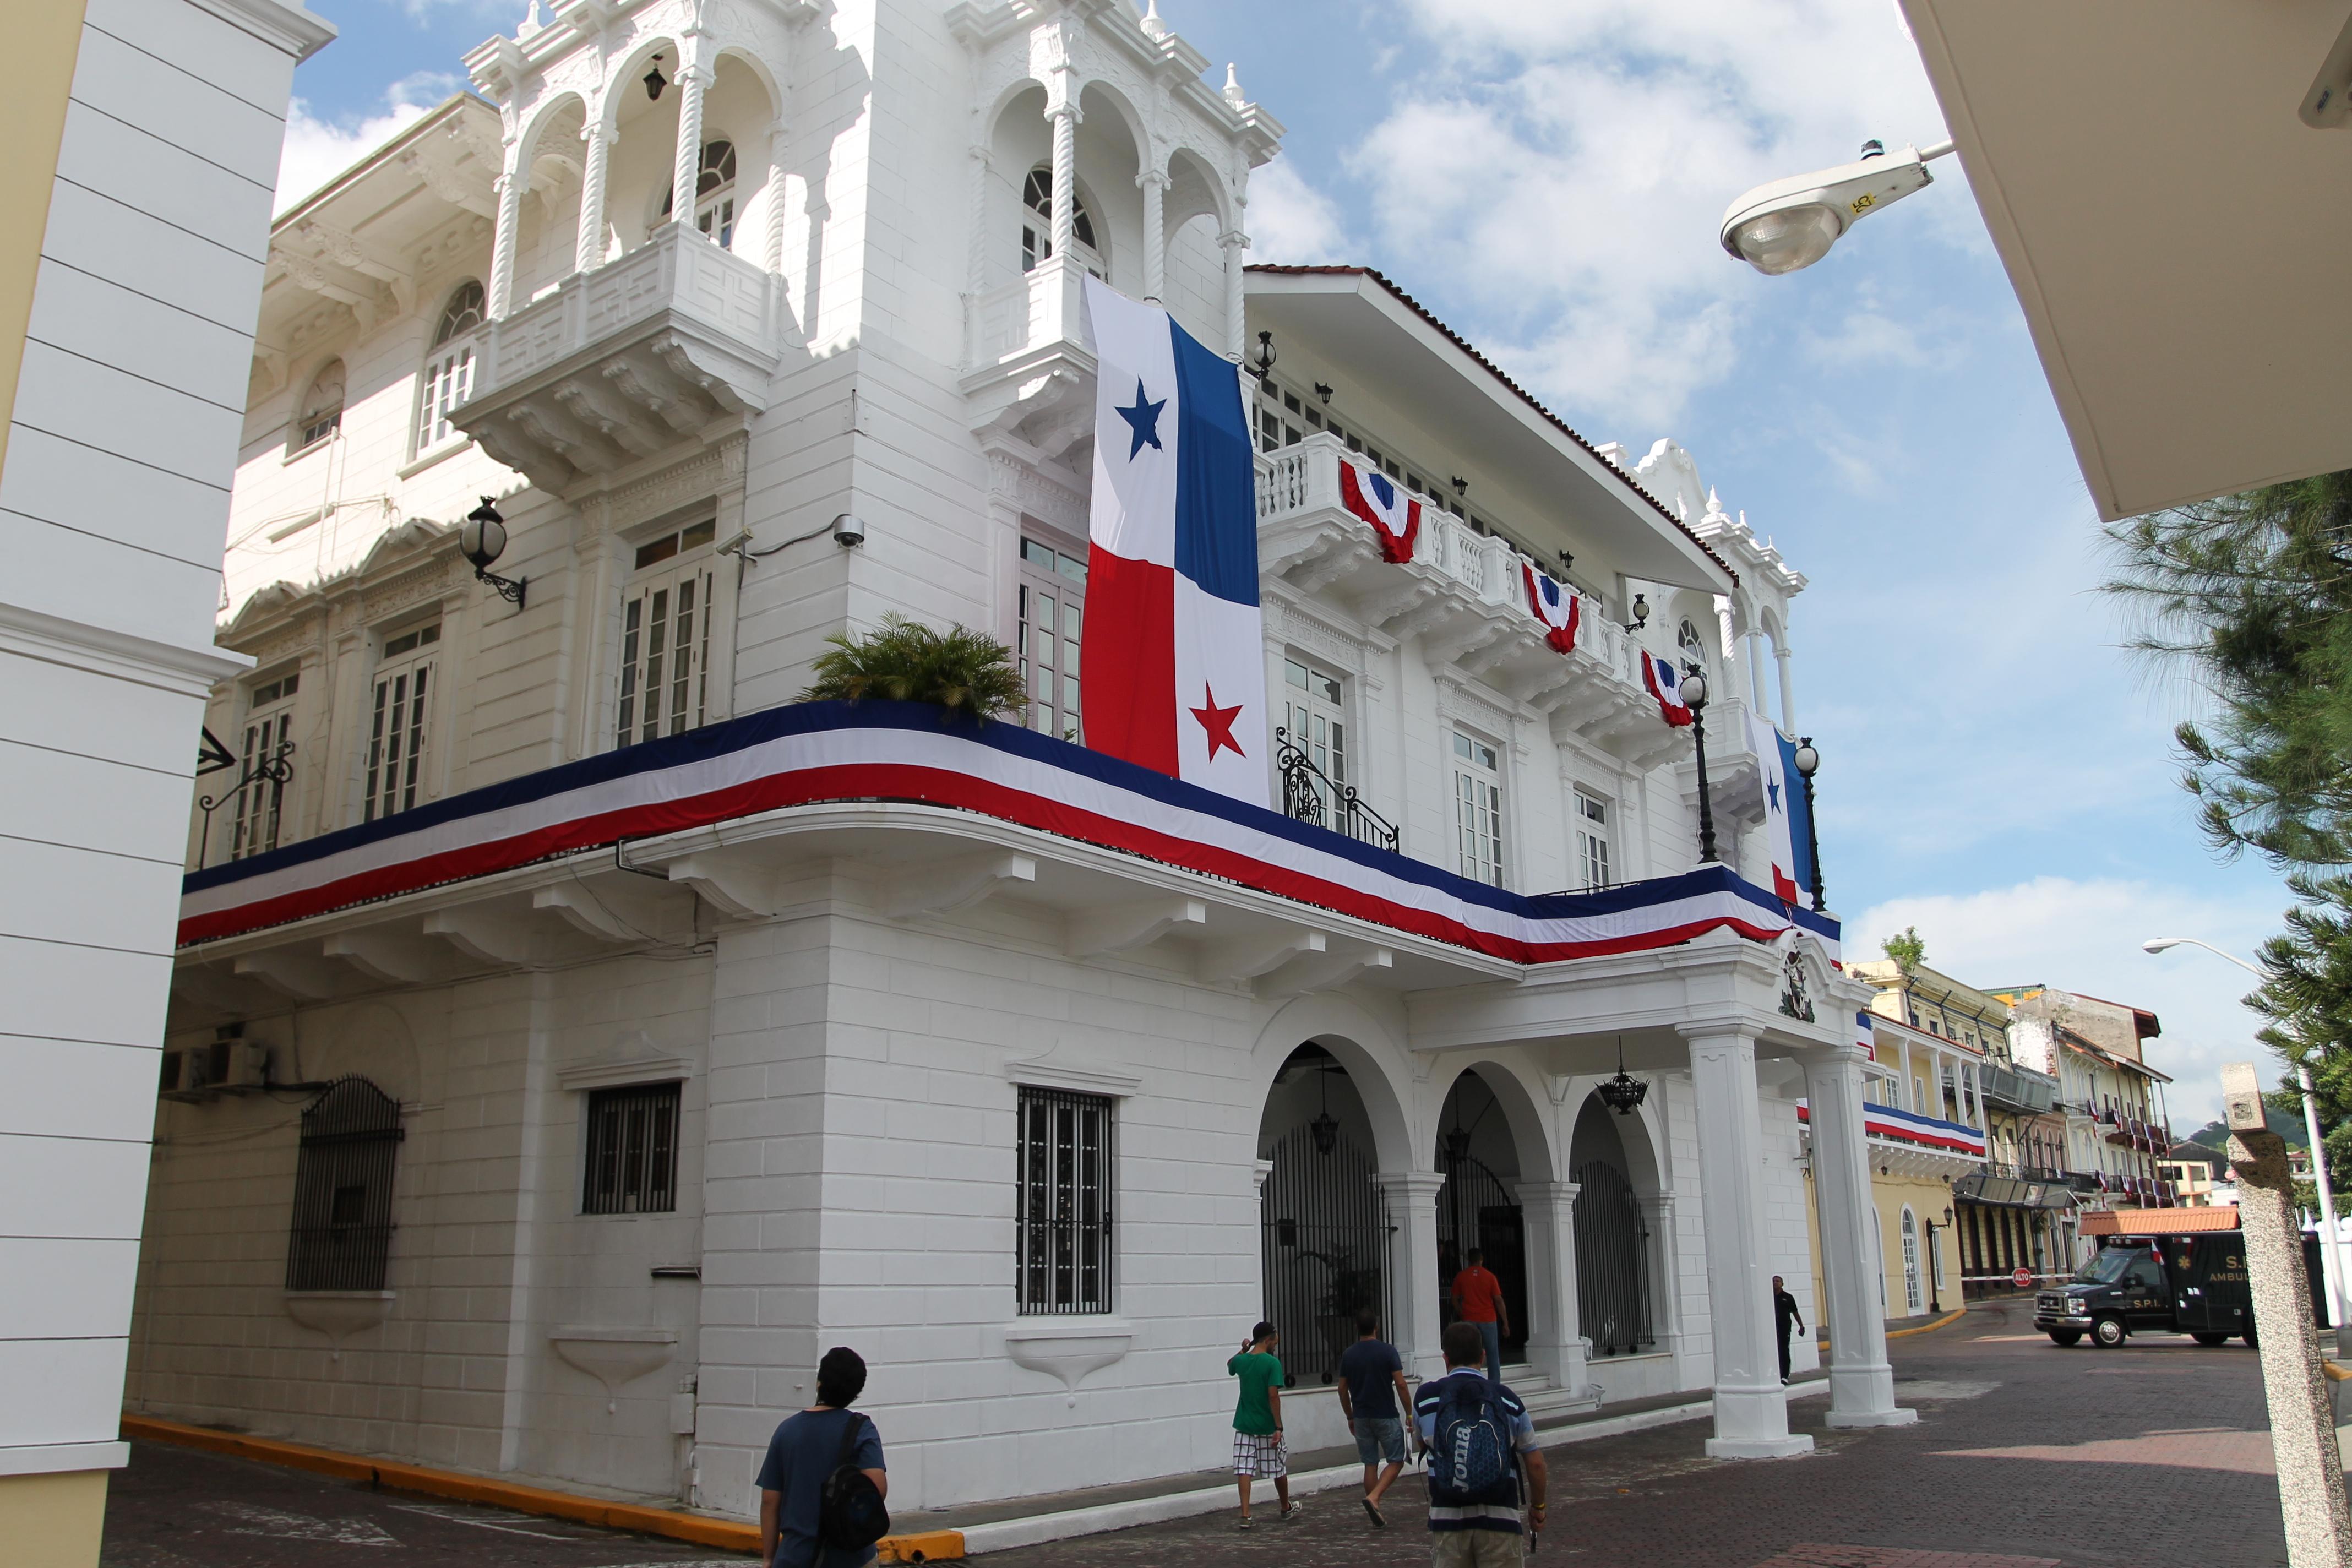 Archivo:Palacio de las Garzas Panamá.JPG - Wikipedia, la ...